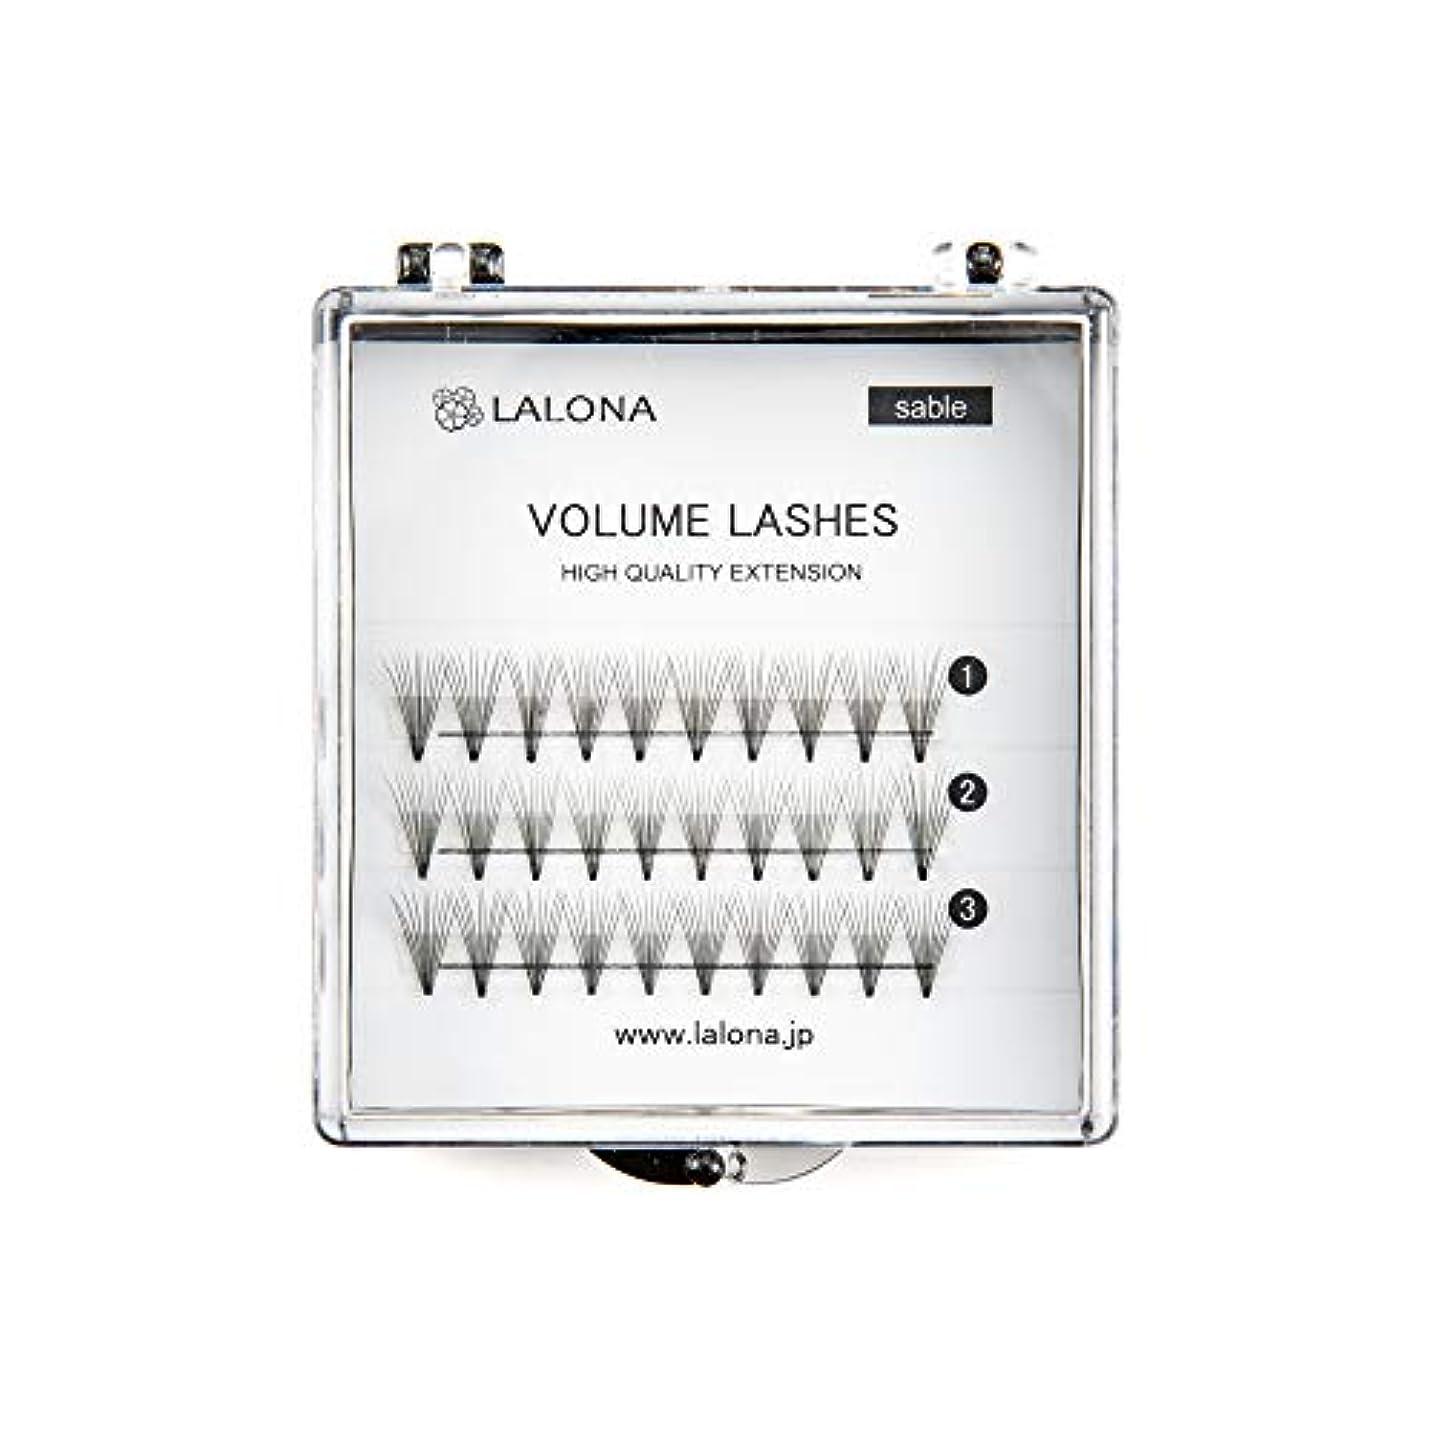 マオリ電圧好むLALONA [ ラローナ ] ボリュームラッシュ (10D) (30pcs) まつげエクステ 10本束 フレアラッシュ まつエク 束まつげ セーブル (Dカール / 13mm)